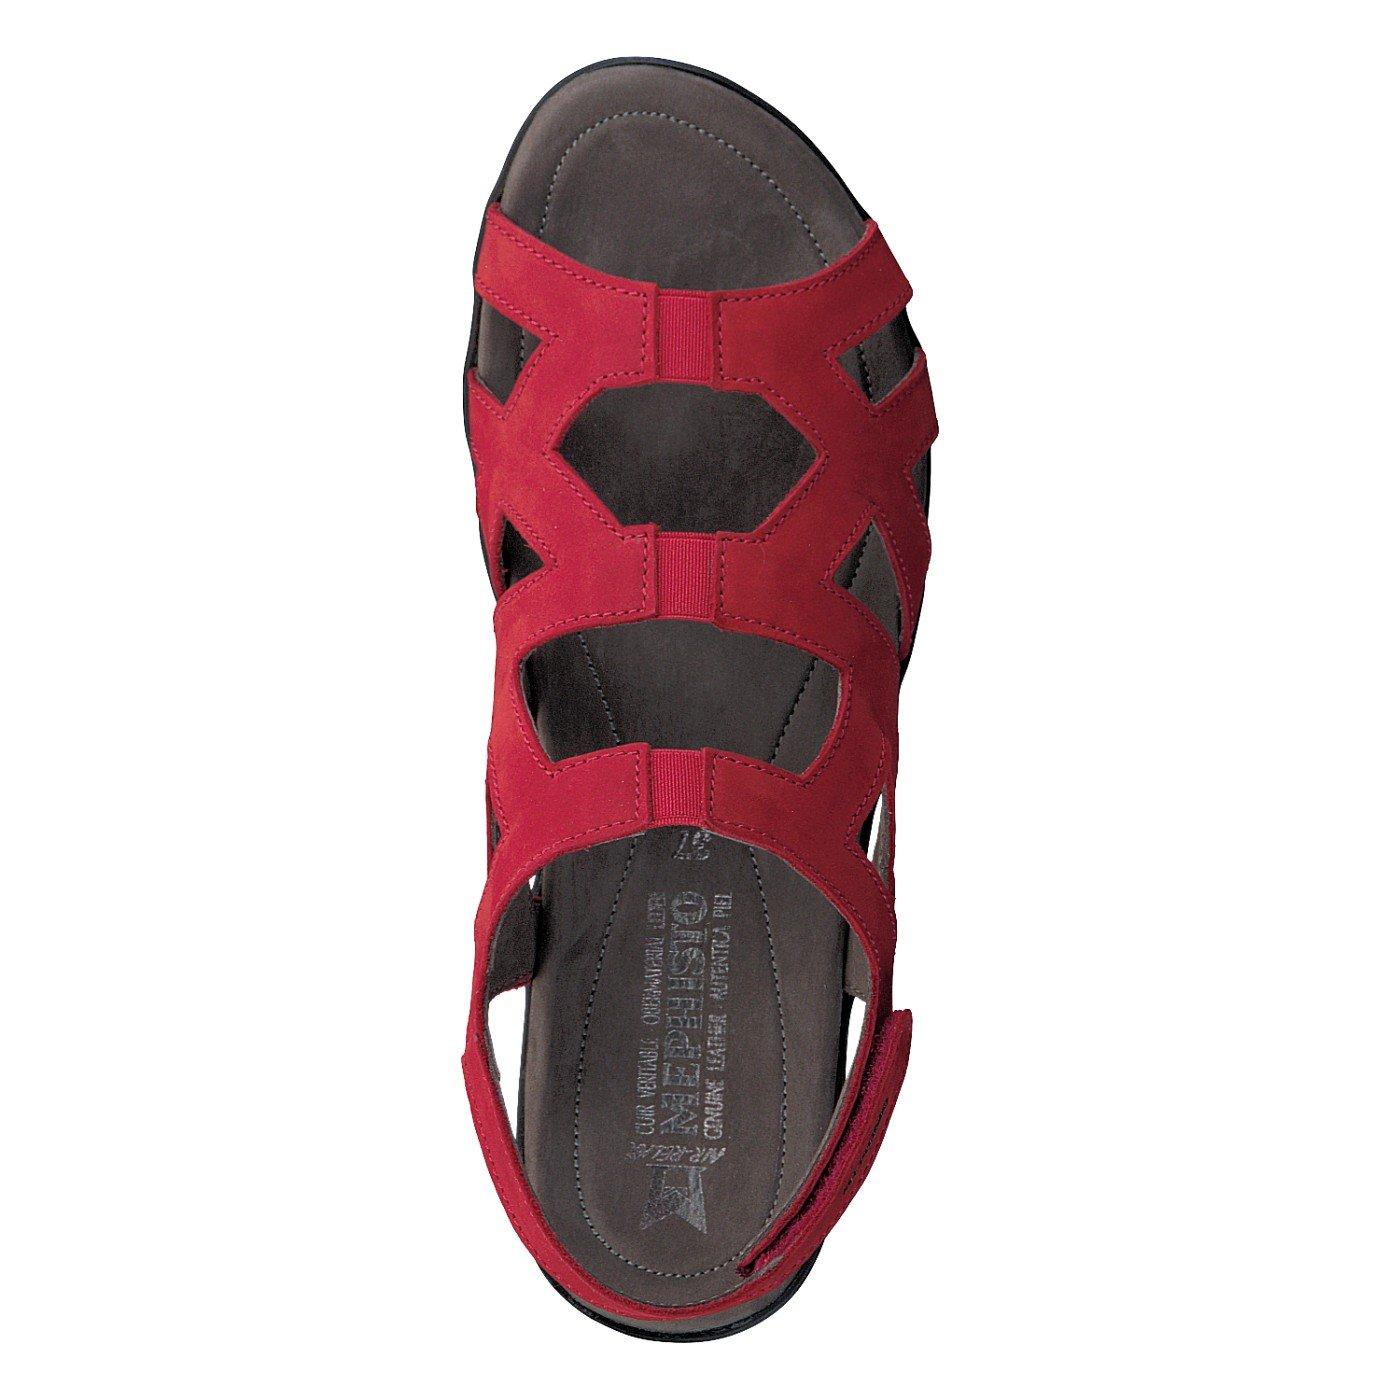 Minelli Rote Schuhe | Damen Herren Online |